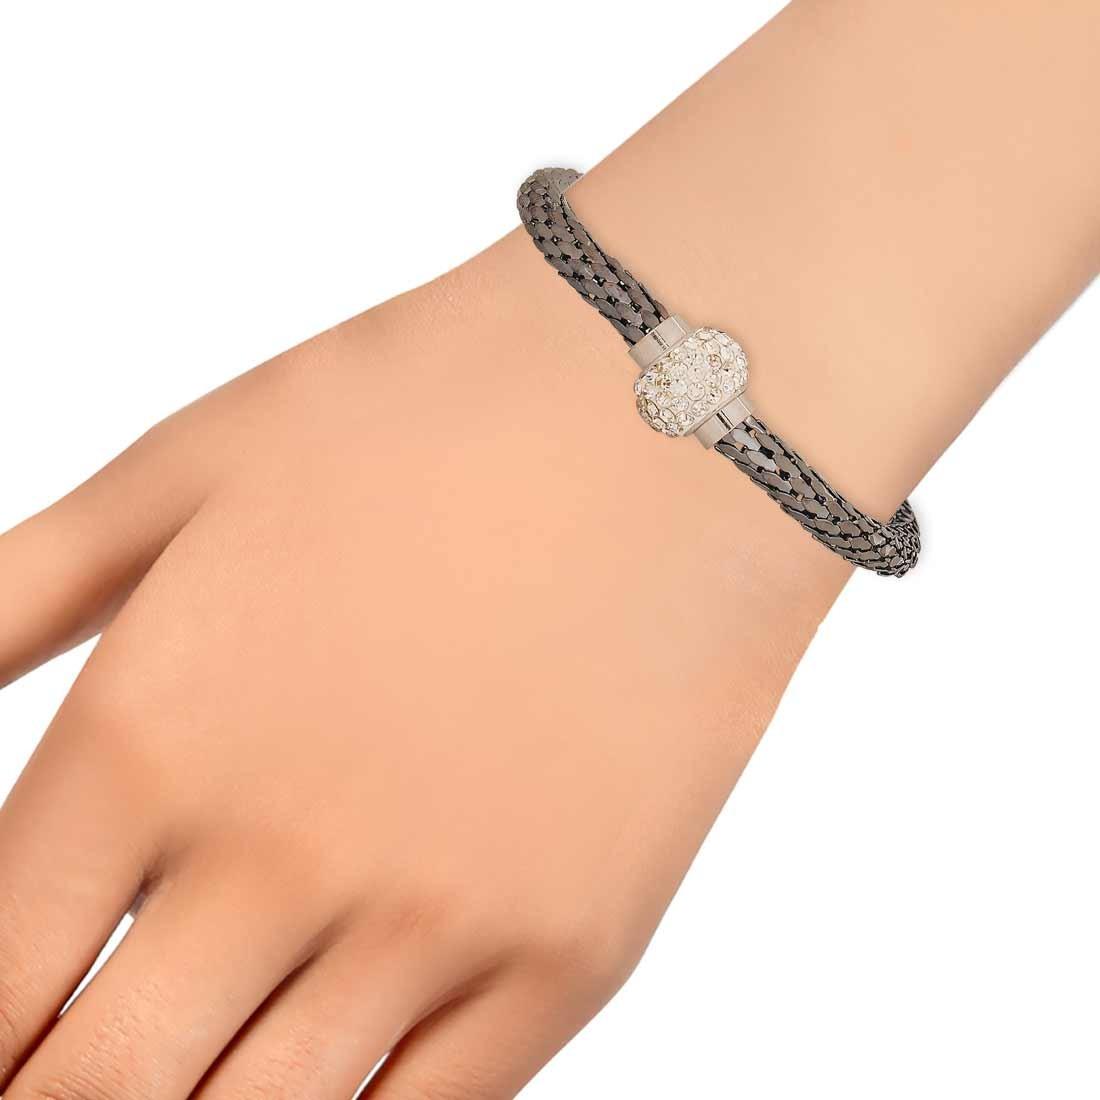 Elegant Silver White Adjustable Get-together Bracelet Alloy Maayra MY7638